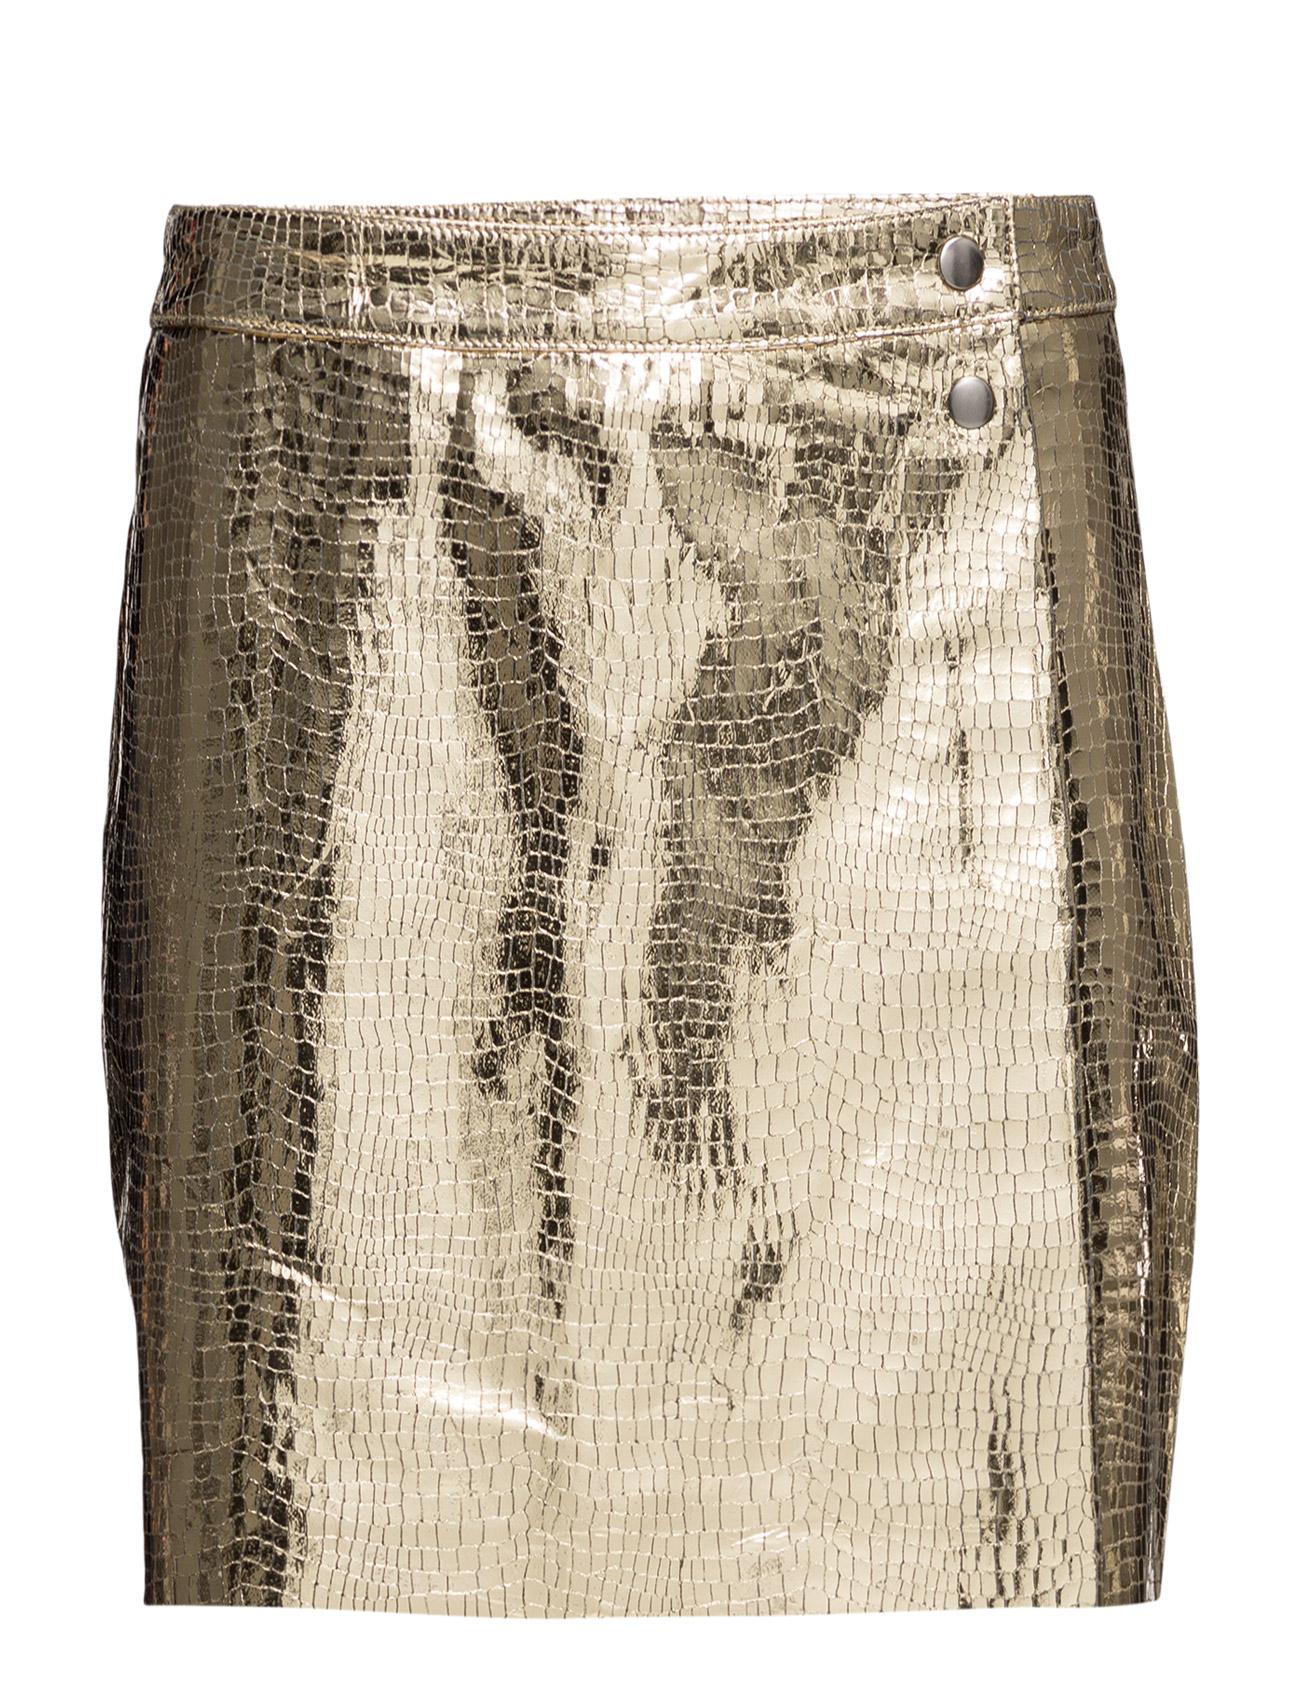 Delicate Leather Sofia Mads Nørgaard Nederdele til Kvinder i Guld